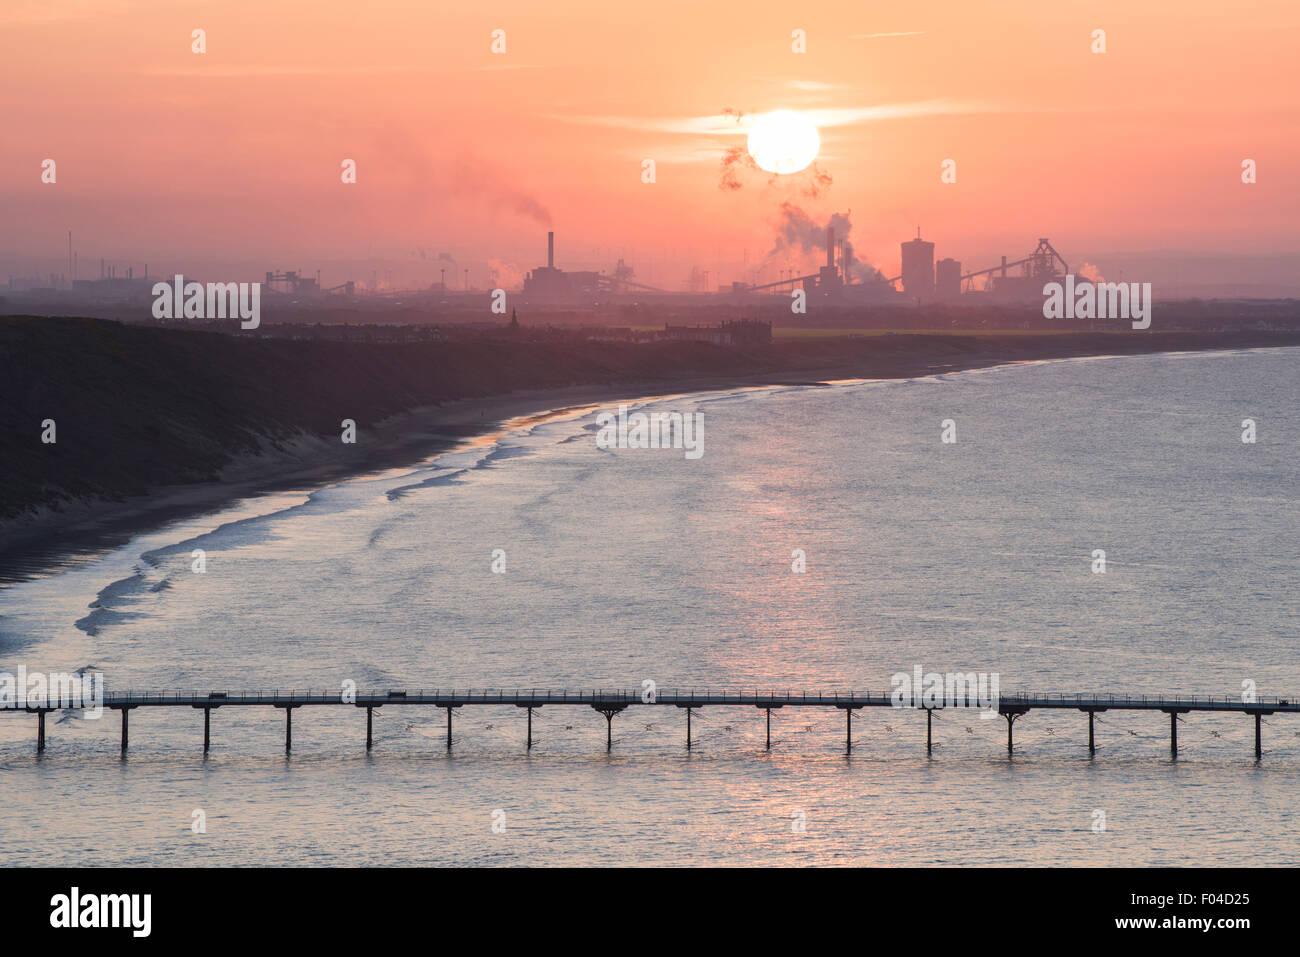 Sonnenuntergang über Saltburn Pier und Redcar Steel Works, North Yorkshire. Stockfoto